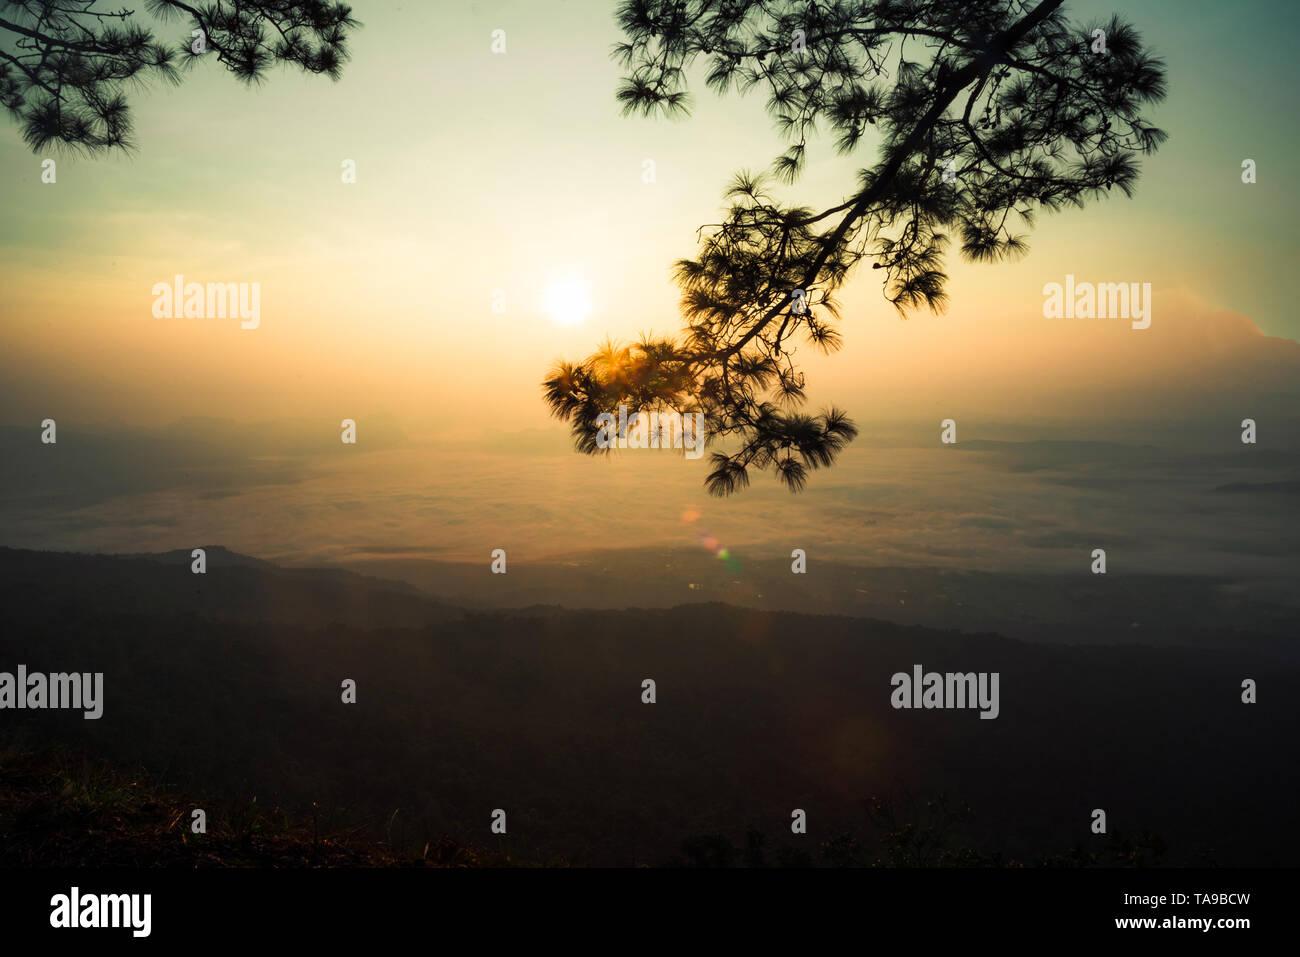 Sonnenuntergang oder Sunrise schönen warmen Himmel Top view Hill mountain Cliff und Zweig Pine Tree Landschaft mit Nebel Nebel Stockbild